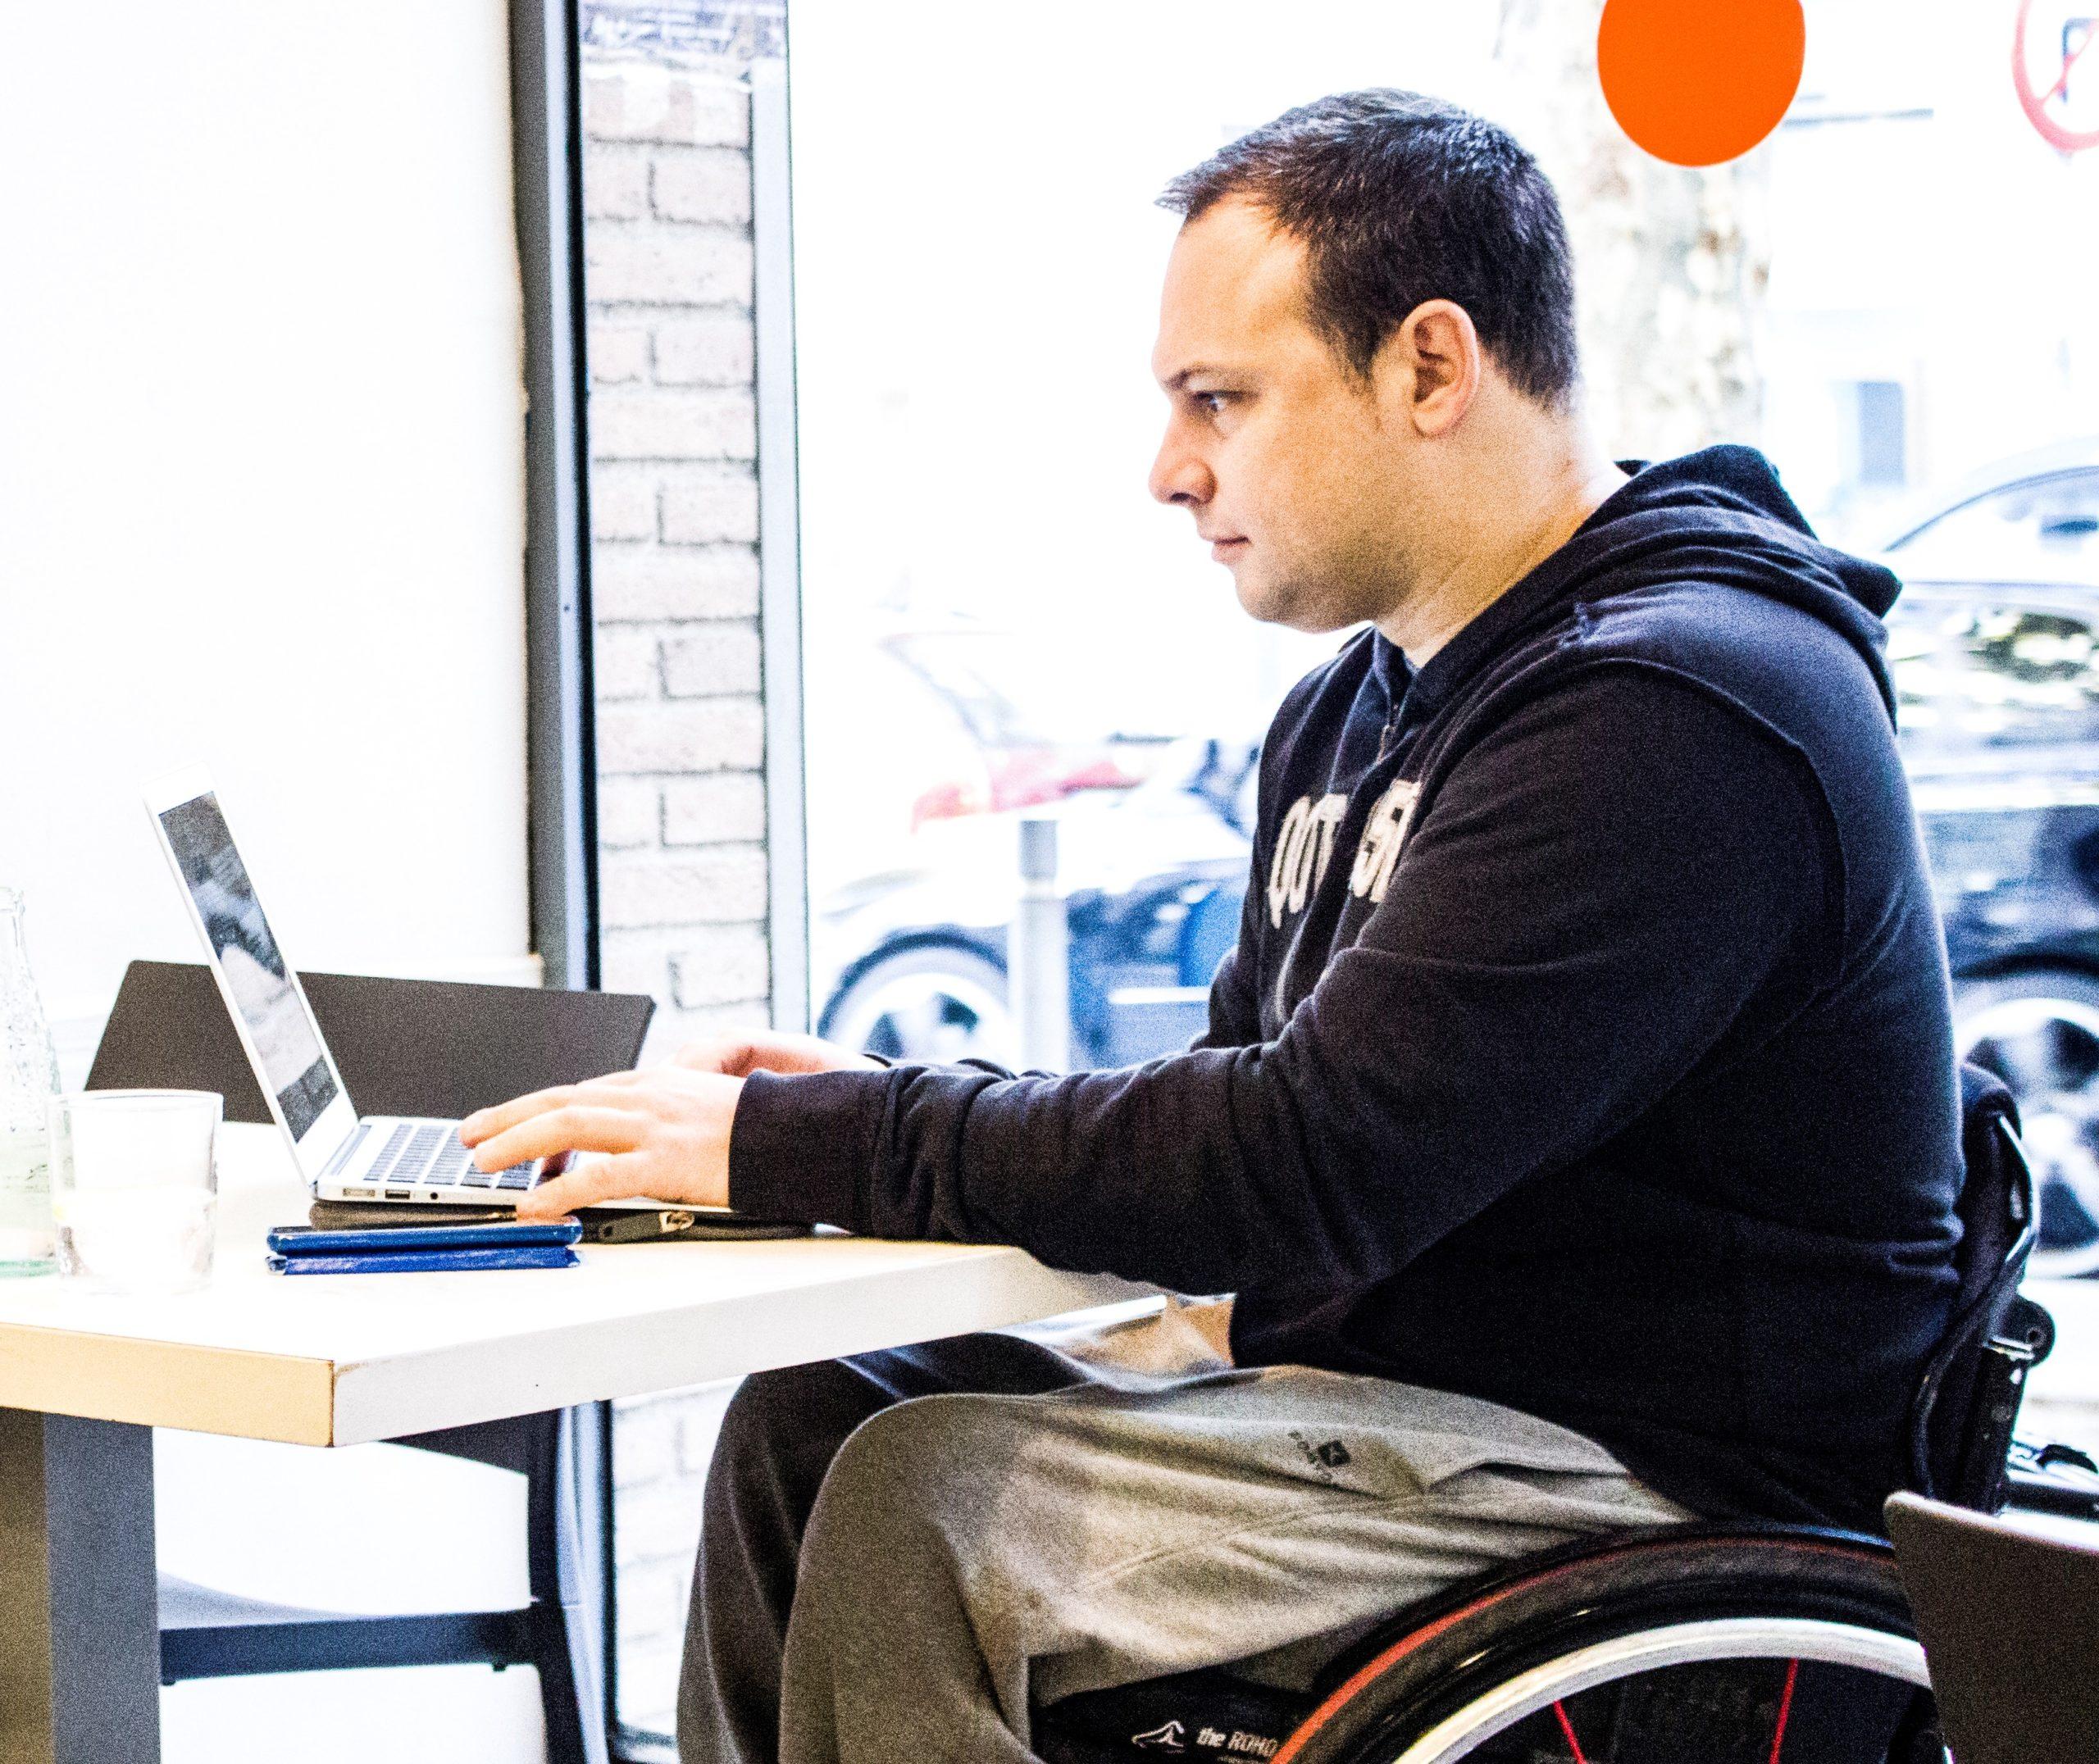 Castells anuncia que la nova Llei d'Universitats tindrà en compte la discapacitat per garantir la igualtat d'oportunitats en el sistema educatiu